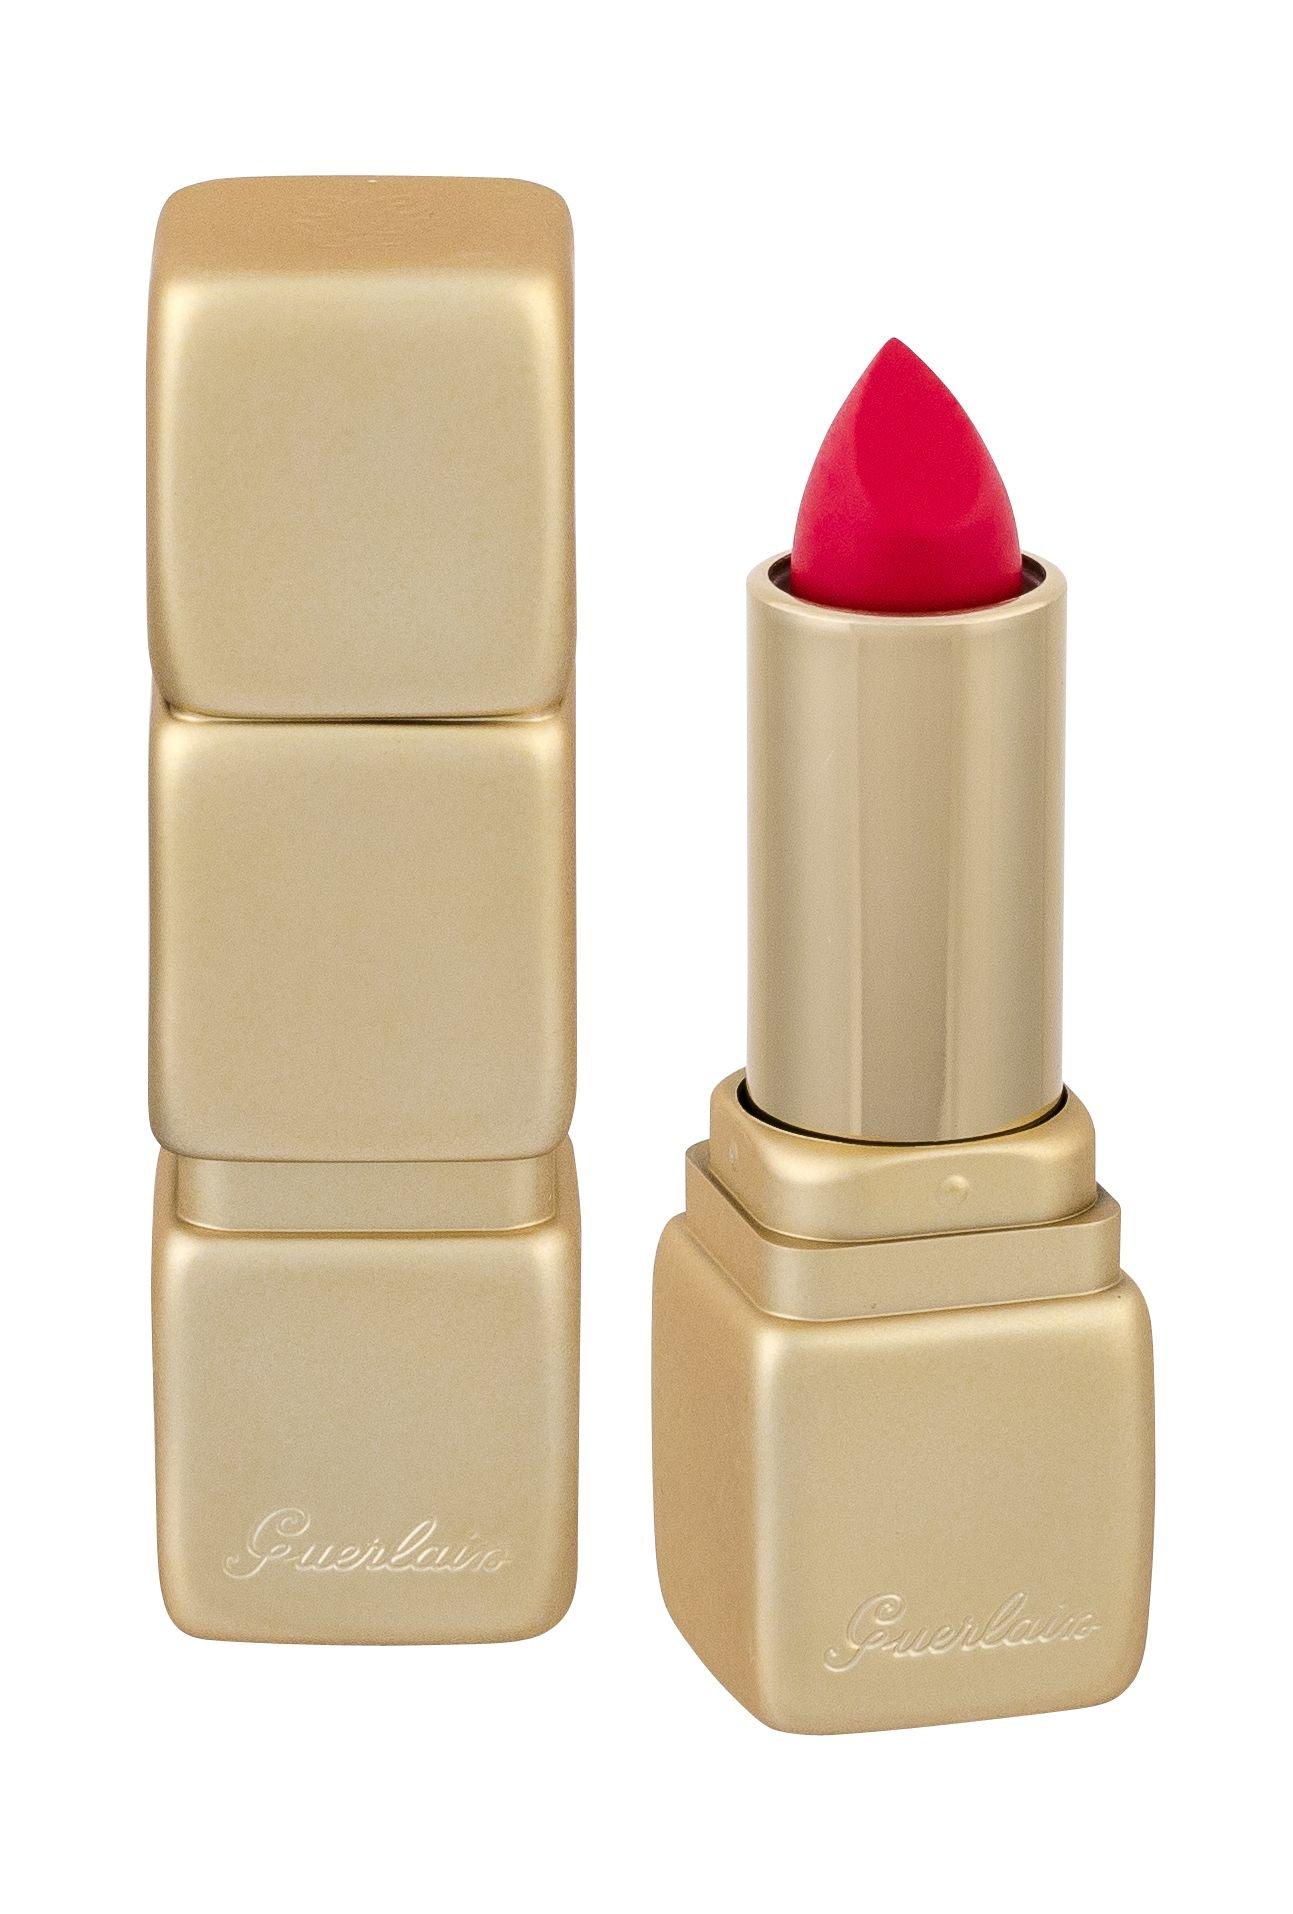 Guerlain KissKiss Lipstick 3,5ml M376 Daring Pink